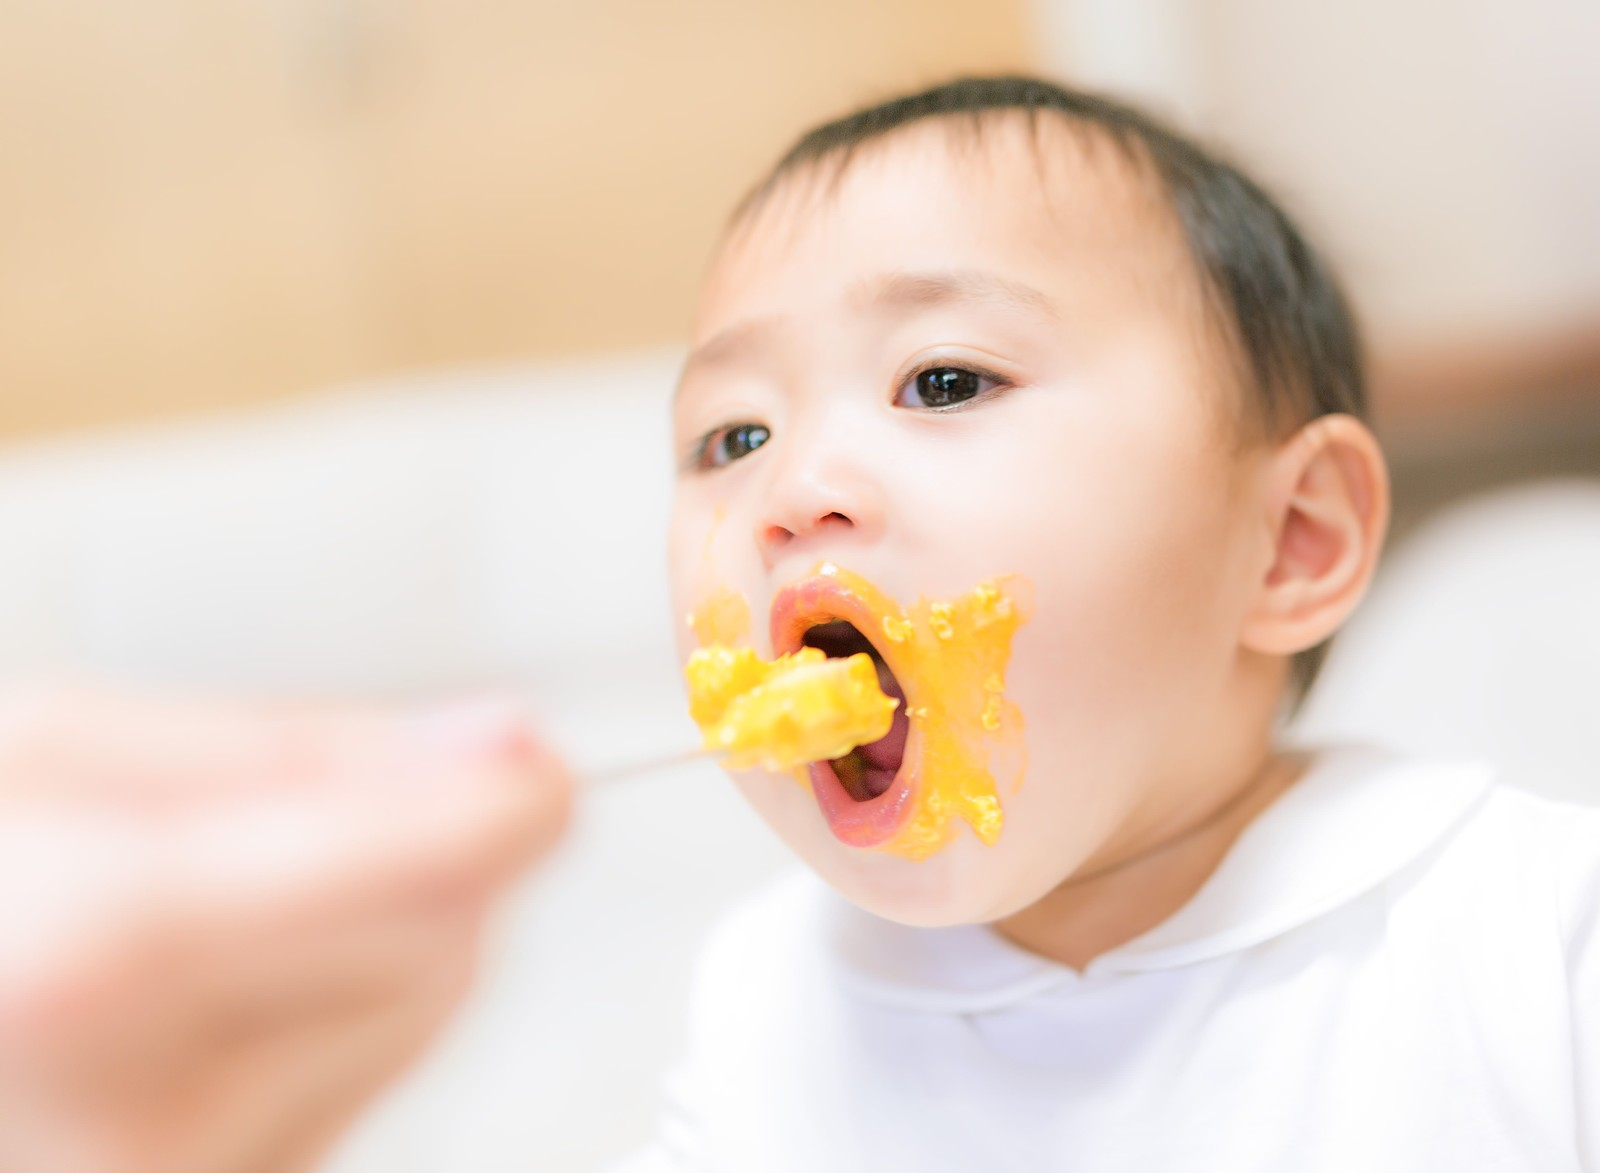 「離乳食で口元ぐちゃぐちゃな赤ちゃん離乳食で口元ぐちゃぐちゃな赤ちゃん」[モデル:Lisa]のフリー写真素材を拡大